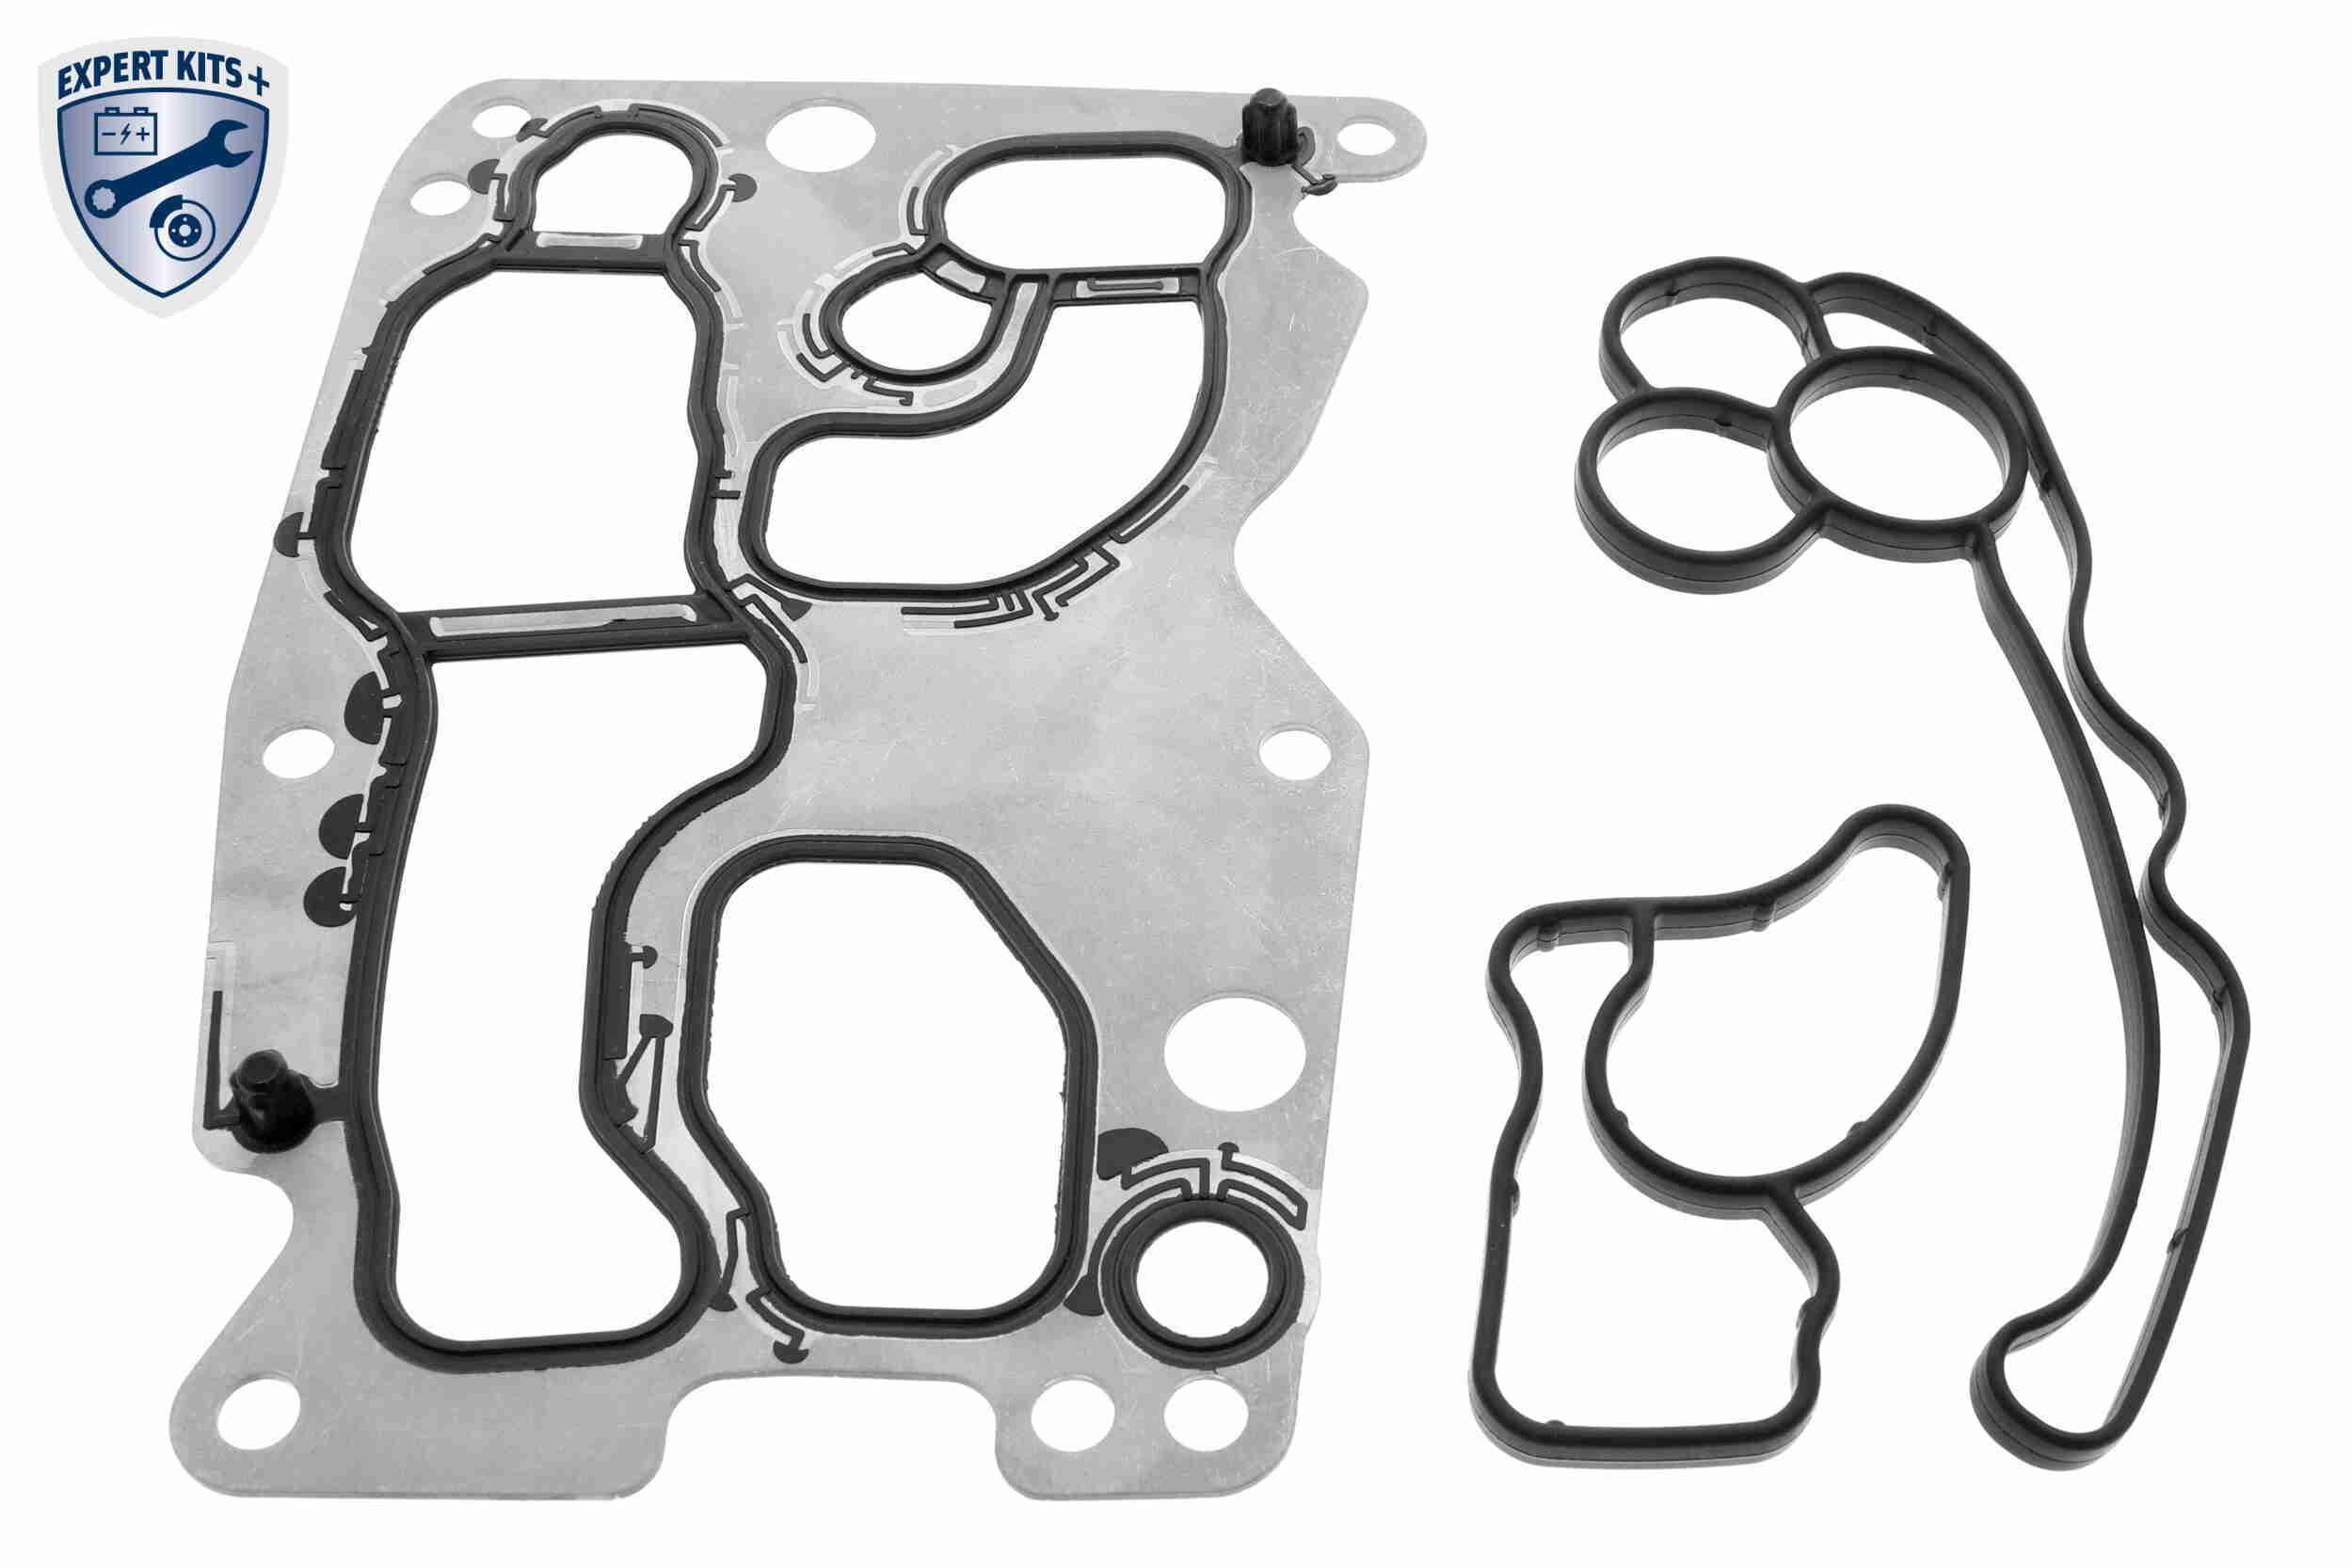 Buy original Oil cooler gasket VEMO V20-60-91533